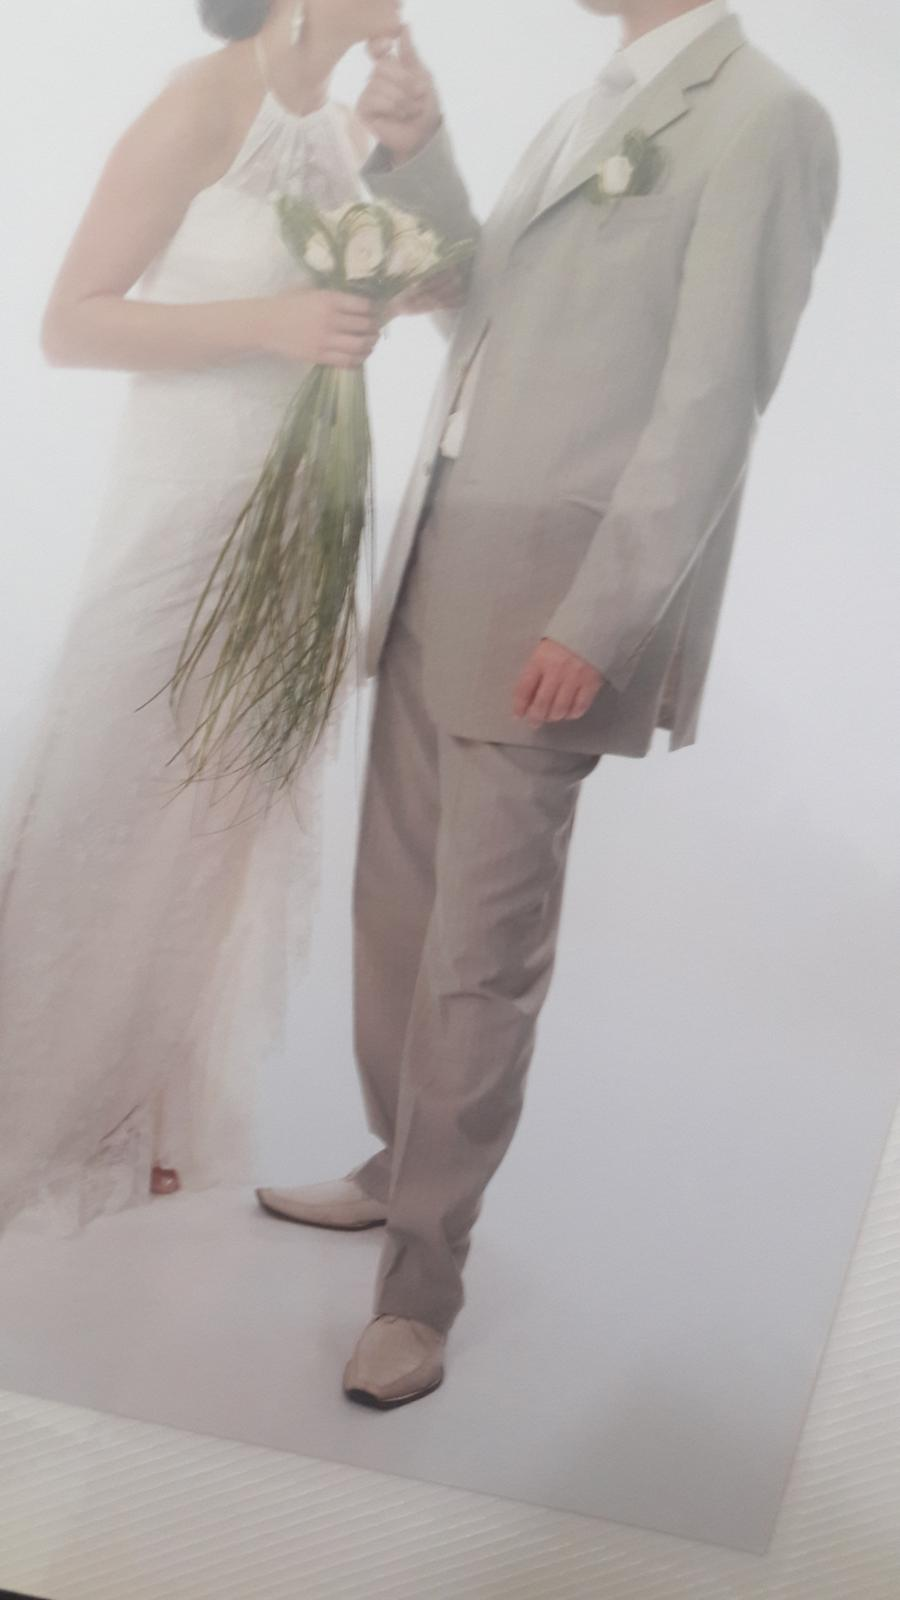 Oblek svadobný marco.mirelli - Obrázok č. 4